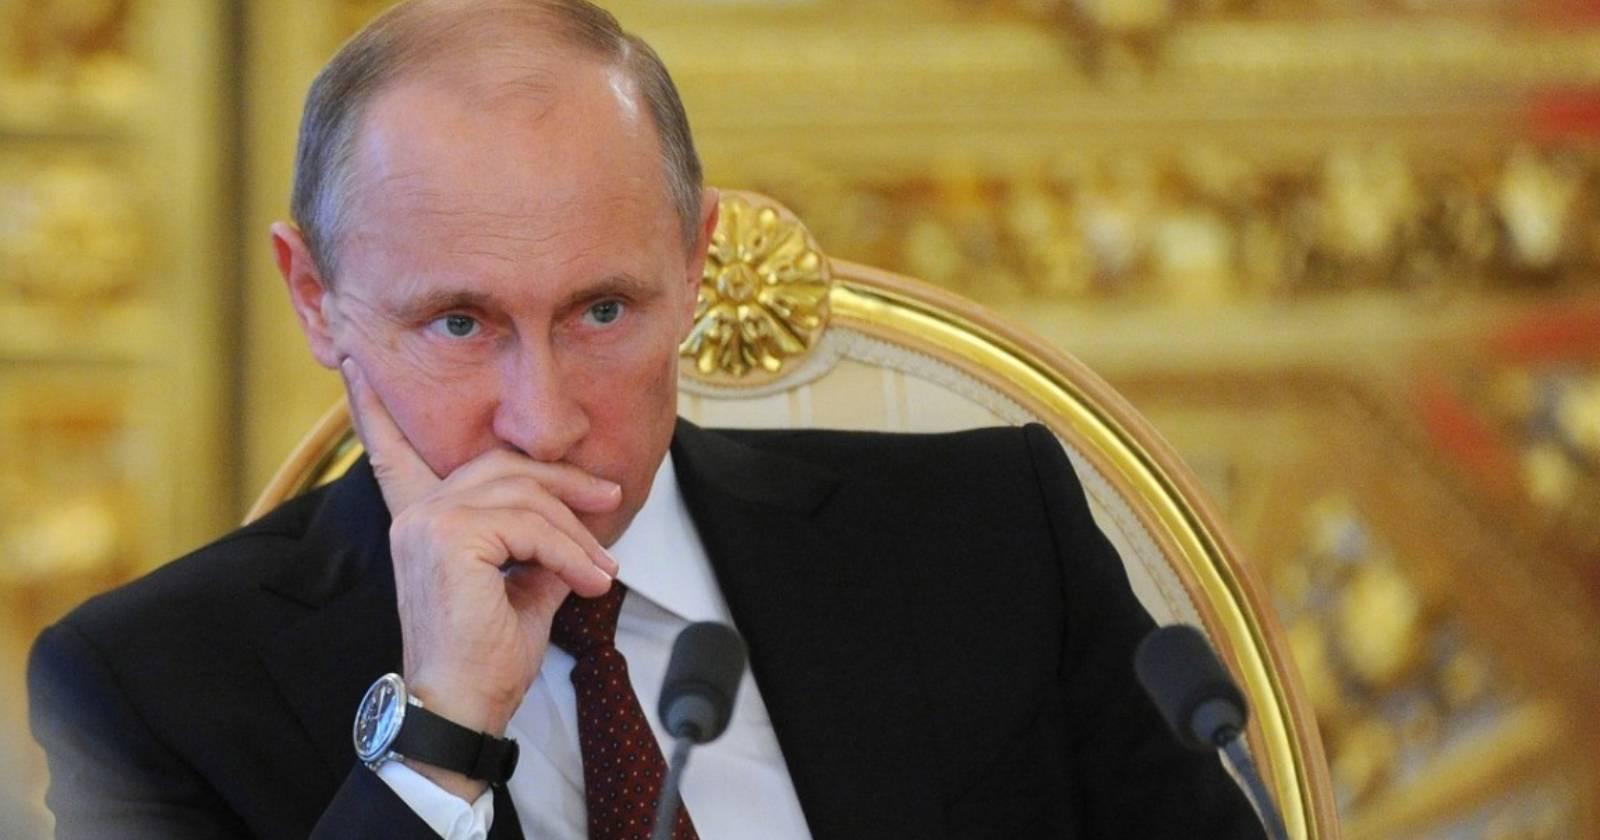 Las sospechosas muertes de disidentes y activistas opositores a Vladimir Putin